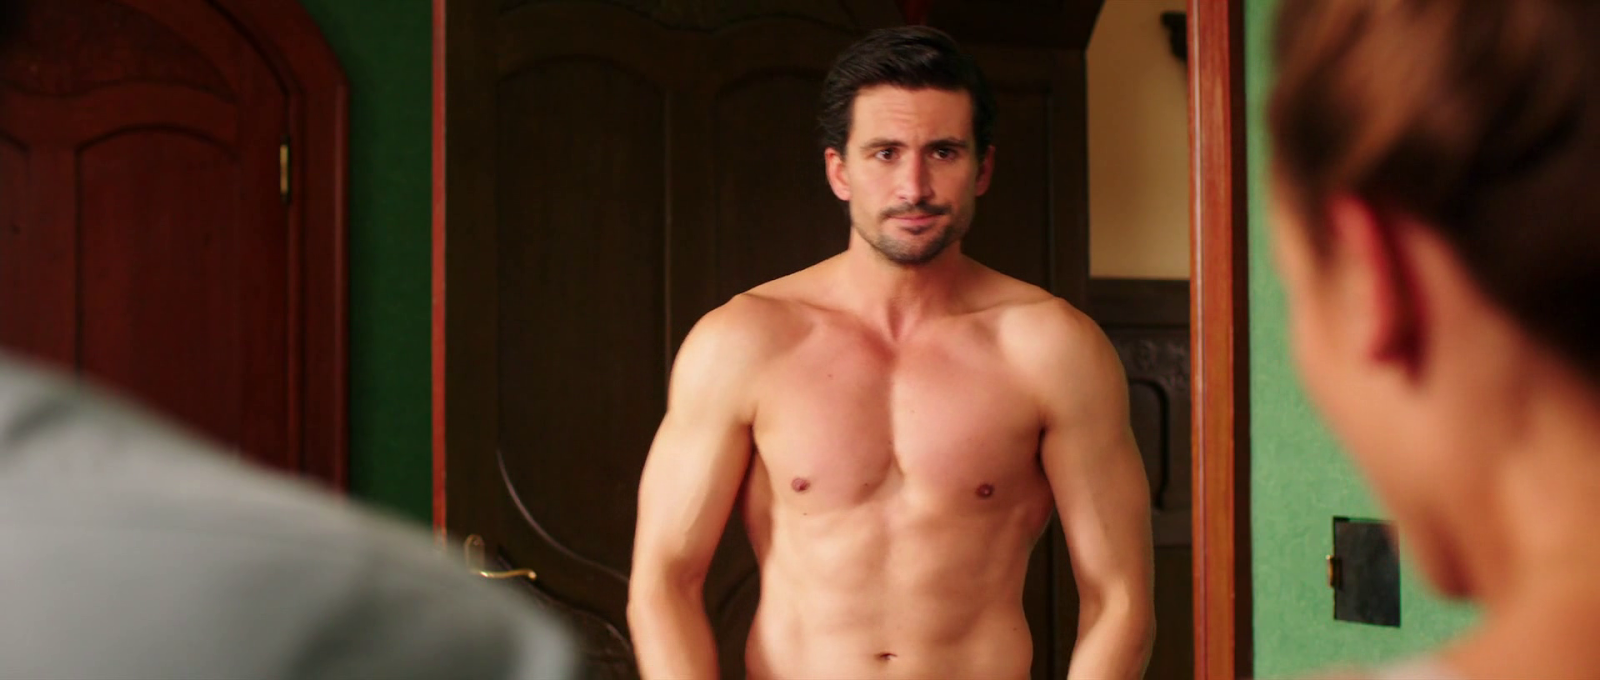 Shirtless Men On The Blog: Tom Beck Shirtless